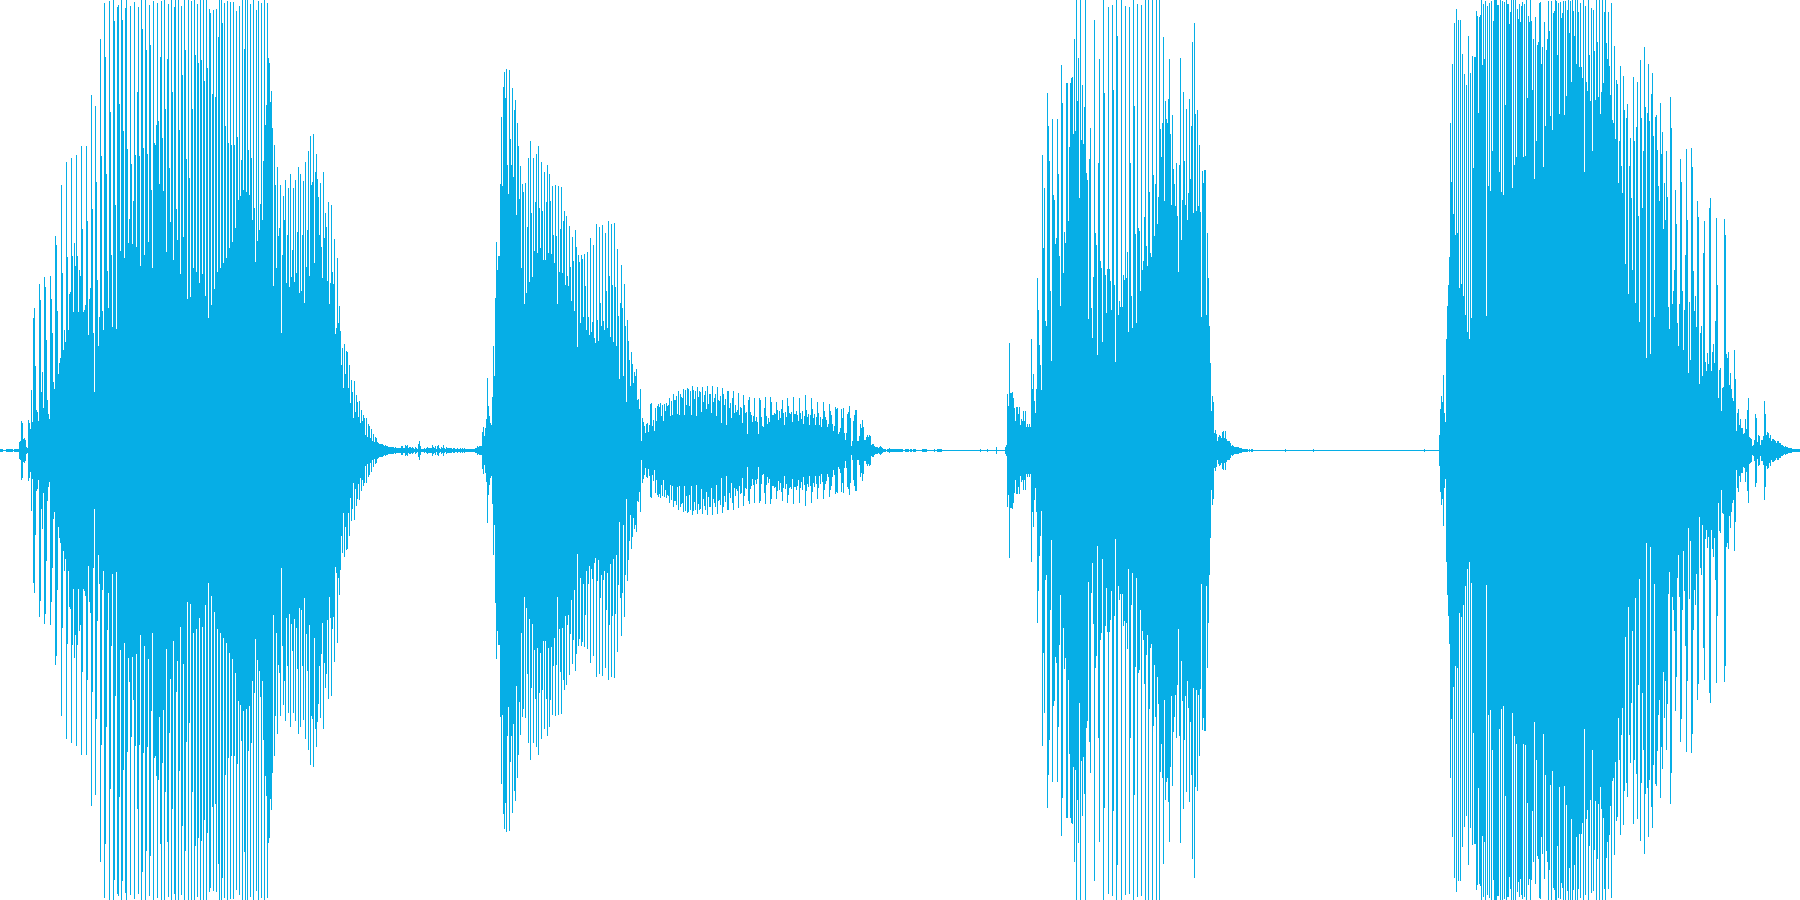 アイテムゲット!の再生済みの波形